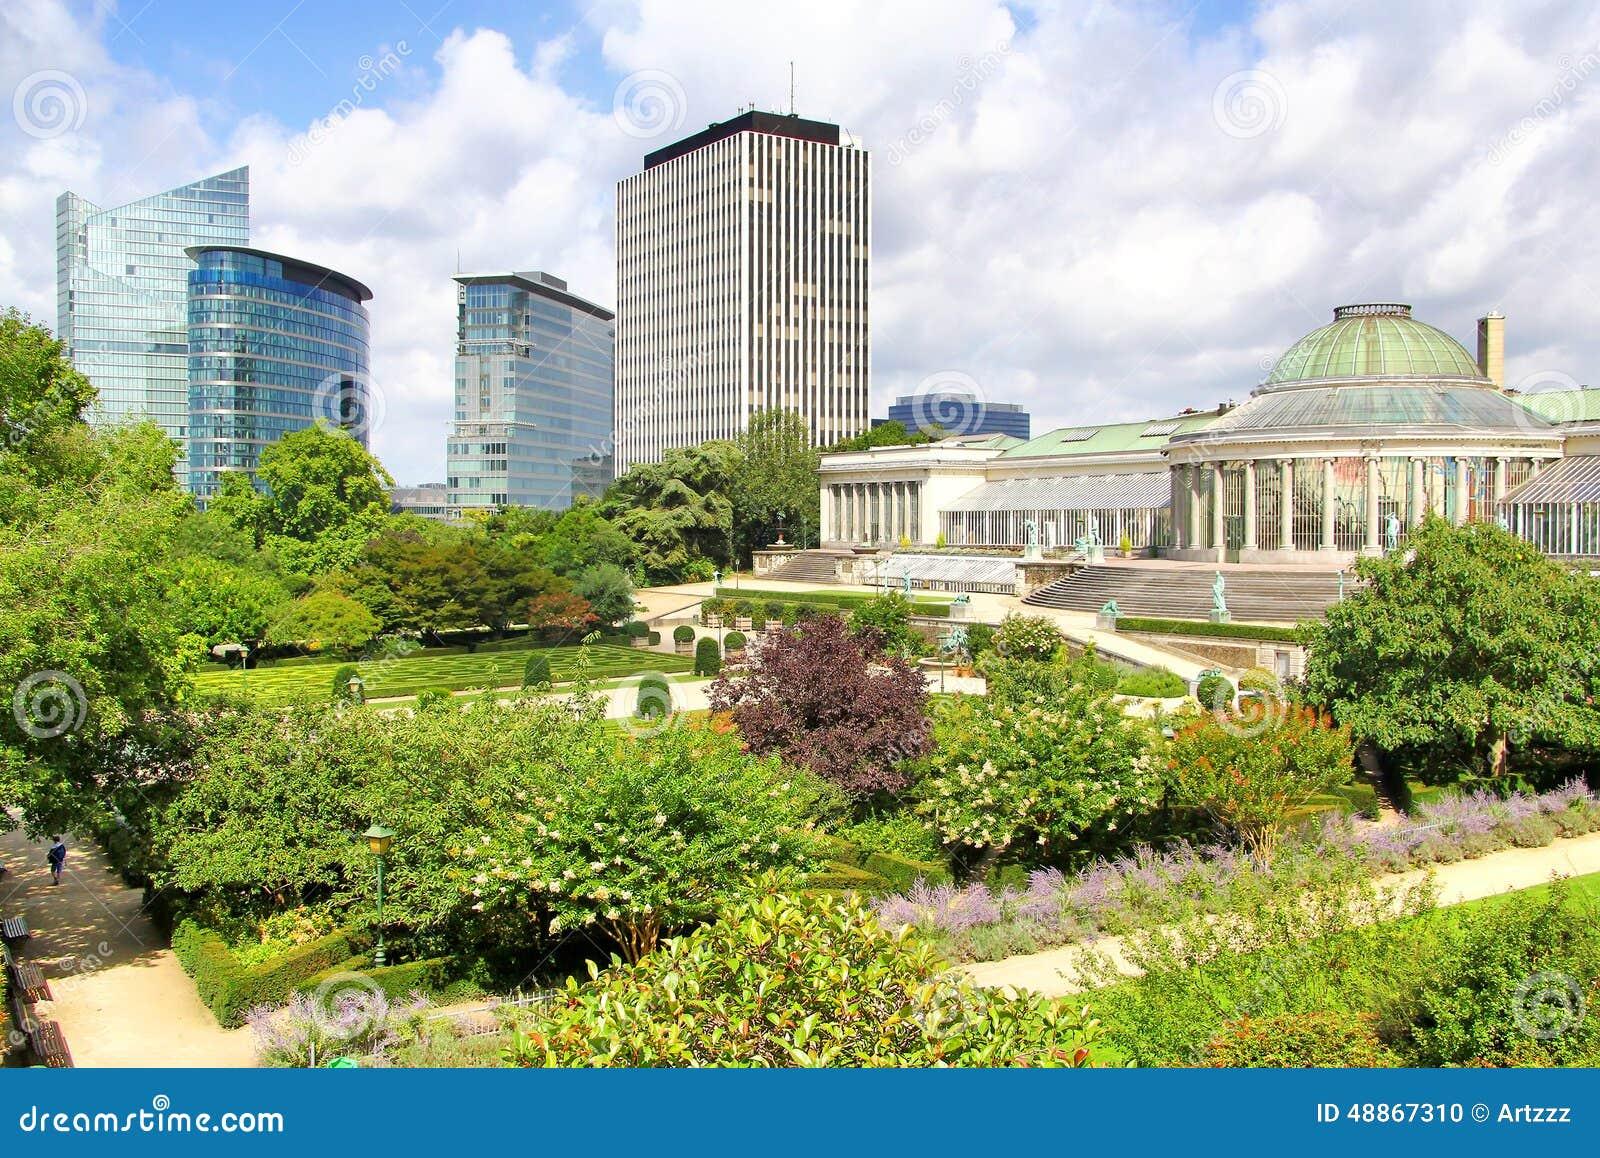 Jardin botanique en moderne wolkenkrabbers in brussel for Boulevard du jardin botanique bruxelles